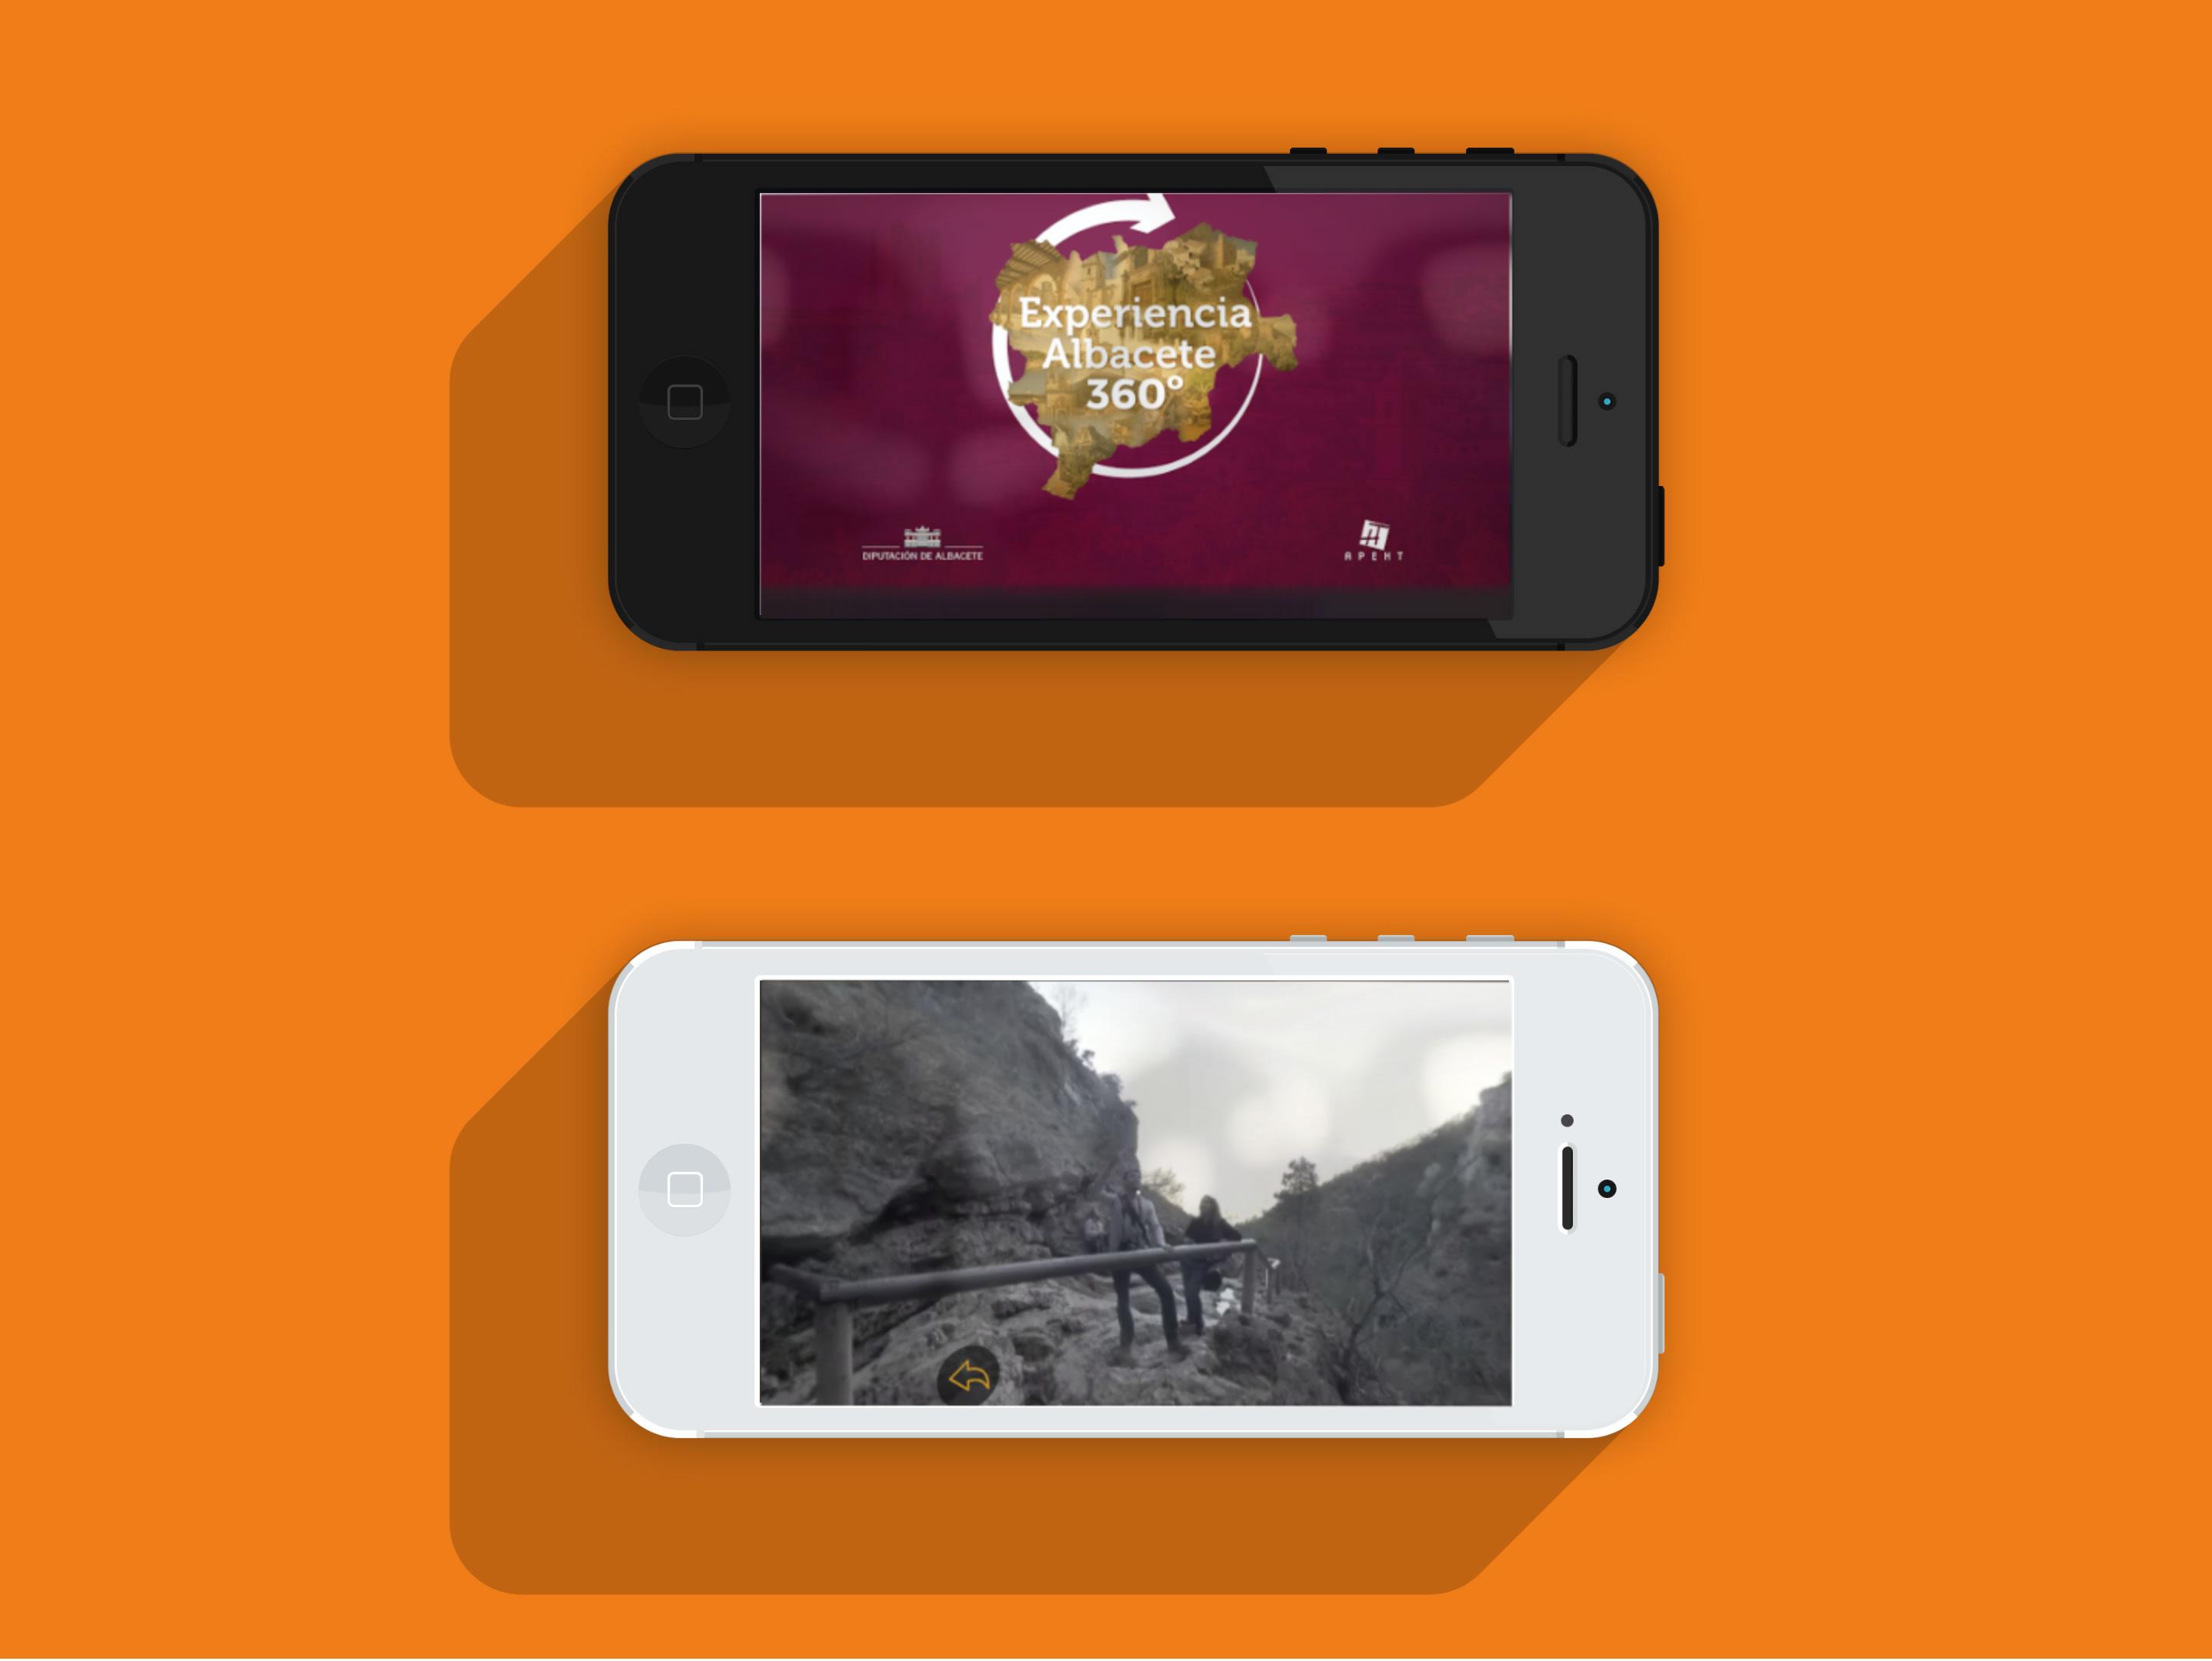 app realidad virtual experiencia 360 albacete